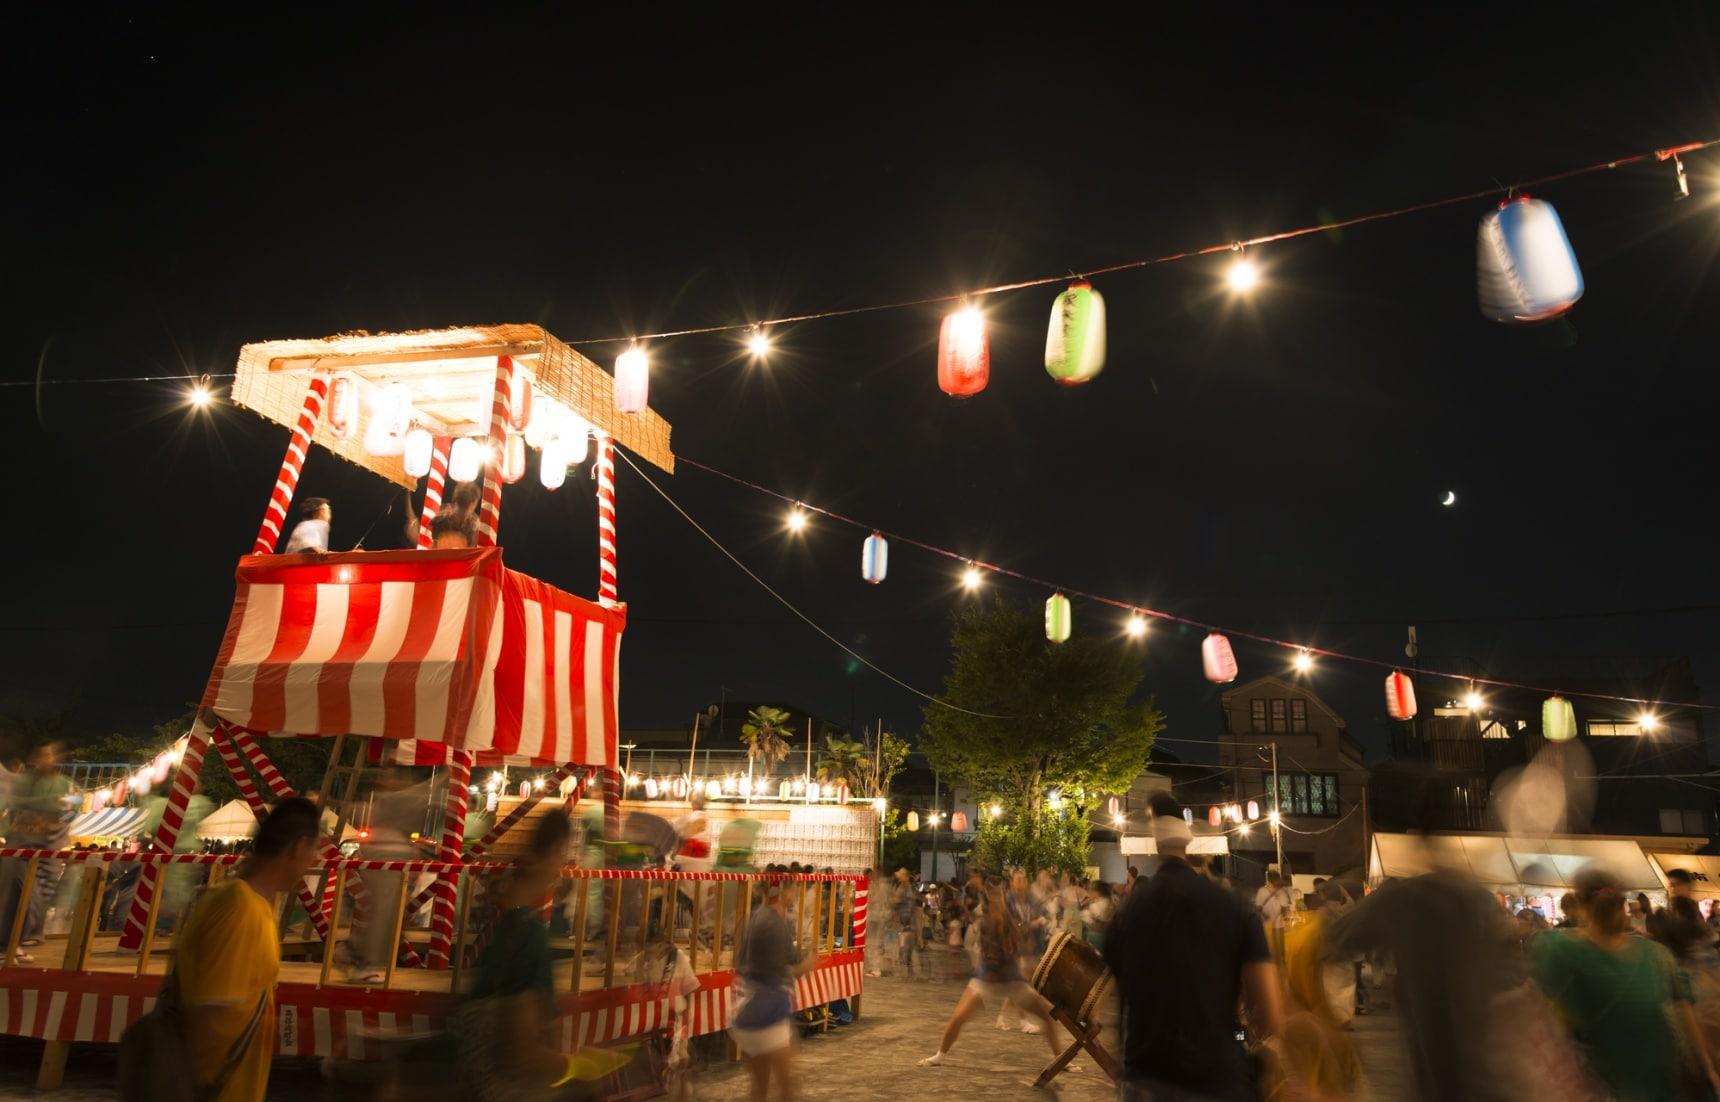 夏日蝉鸣时的浪漫回忆 — 日本的夏季传统